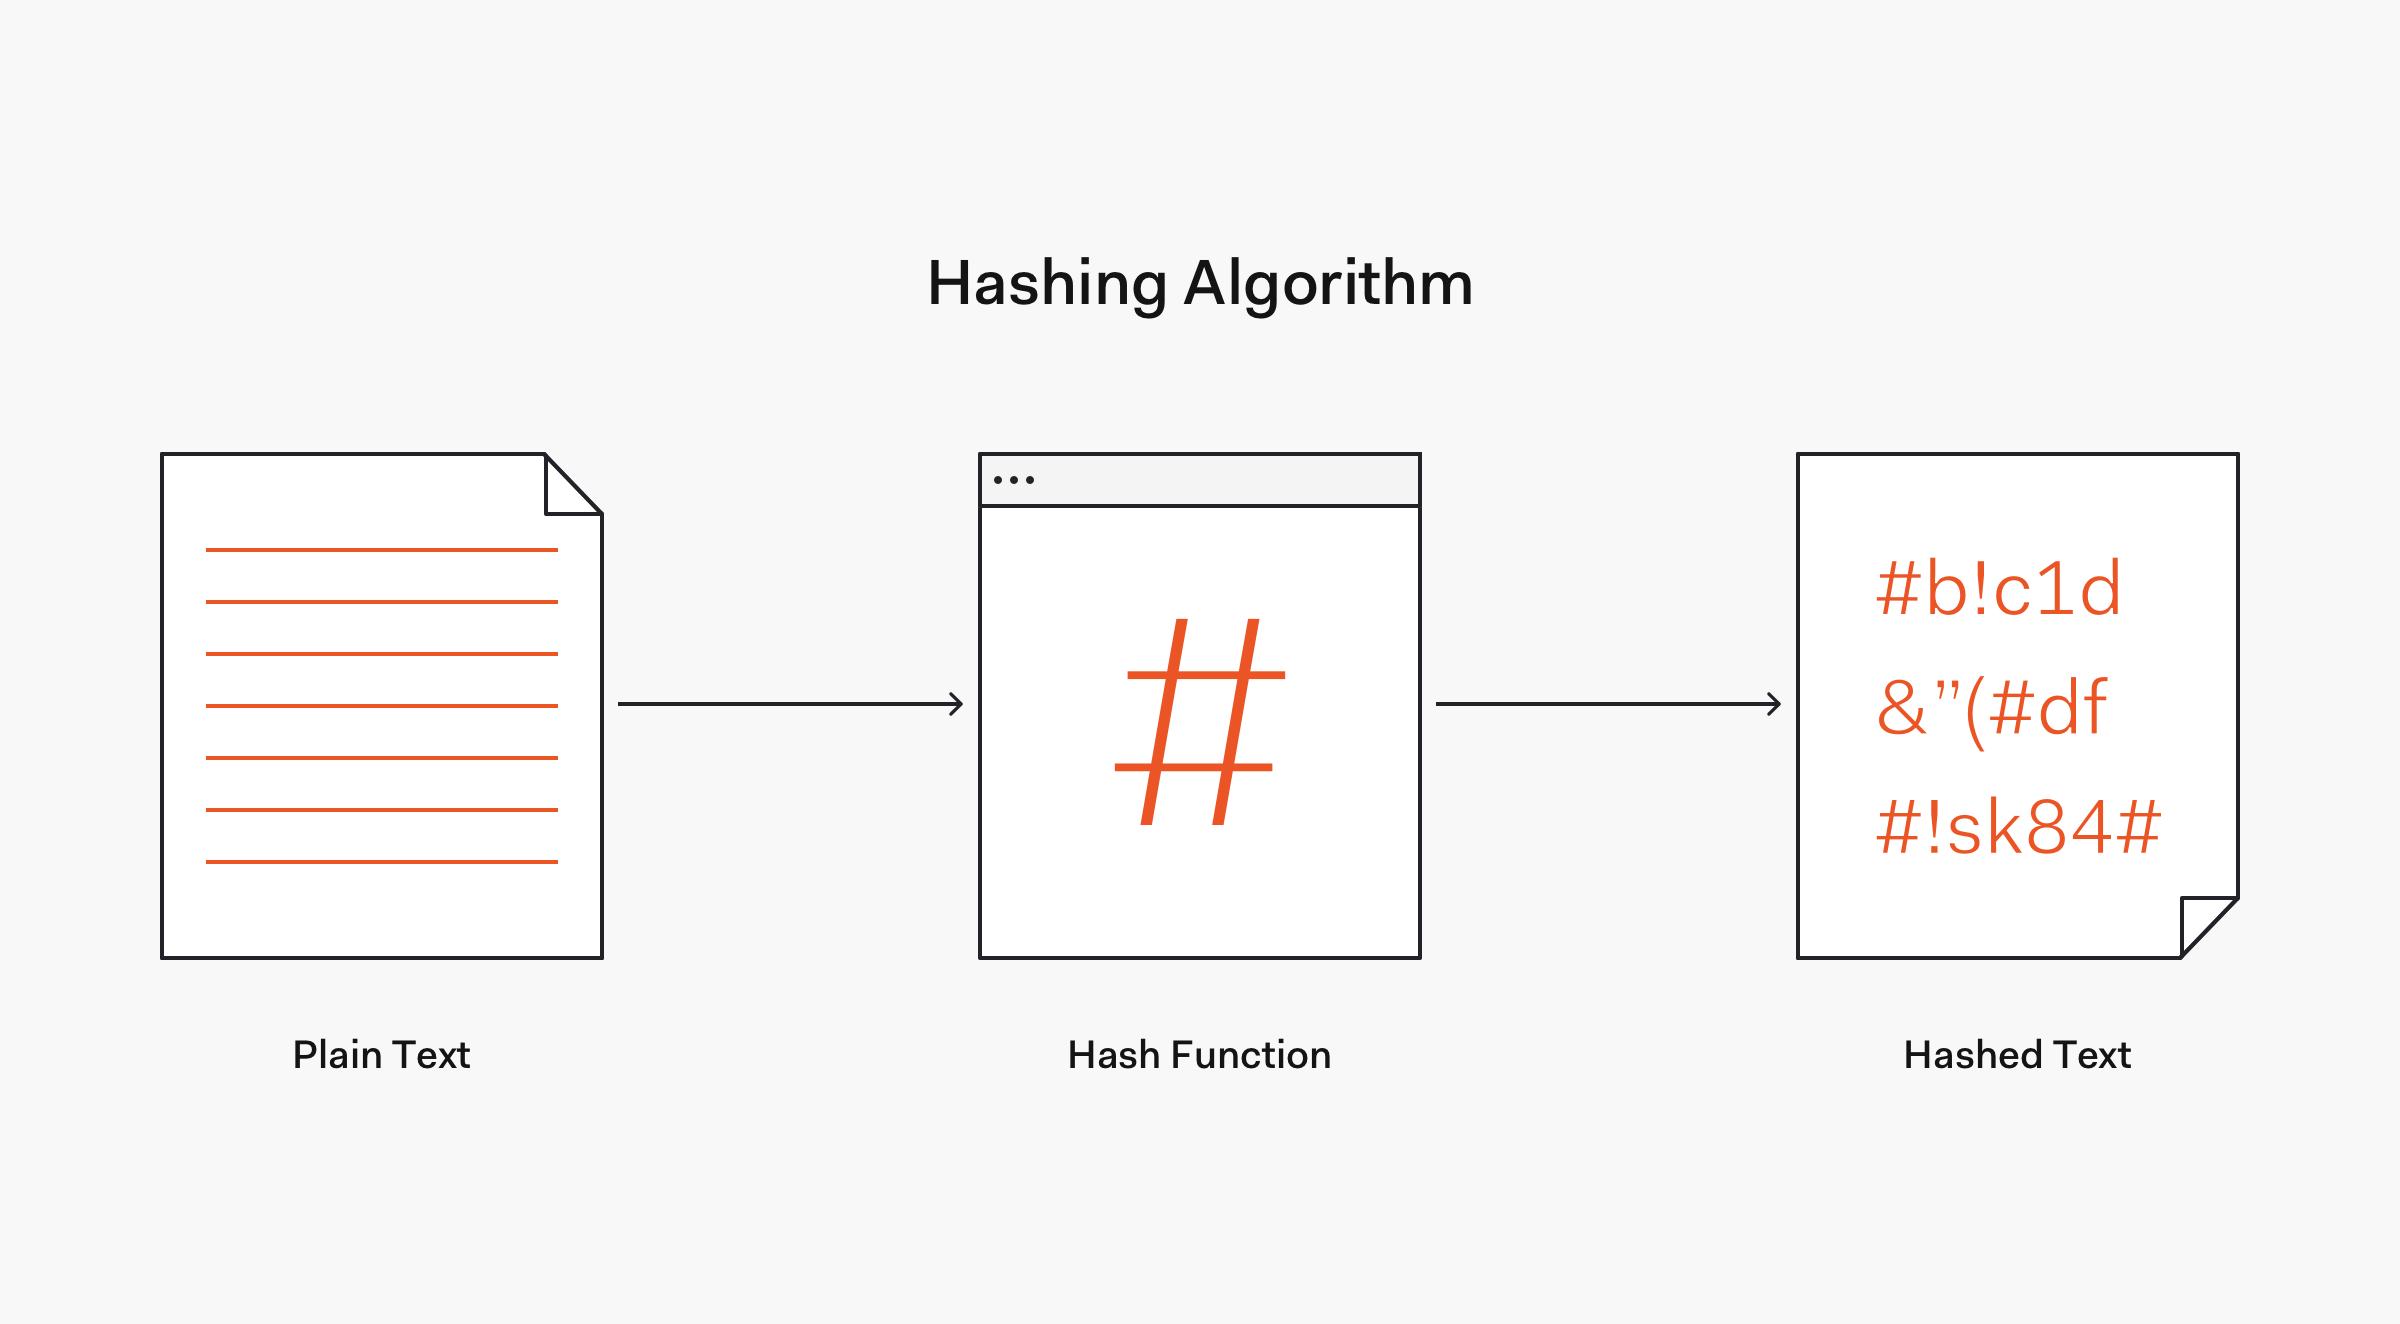 ハッシュ化アルゴリズムのフロー例:一方向